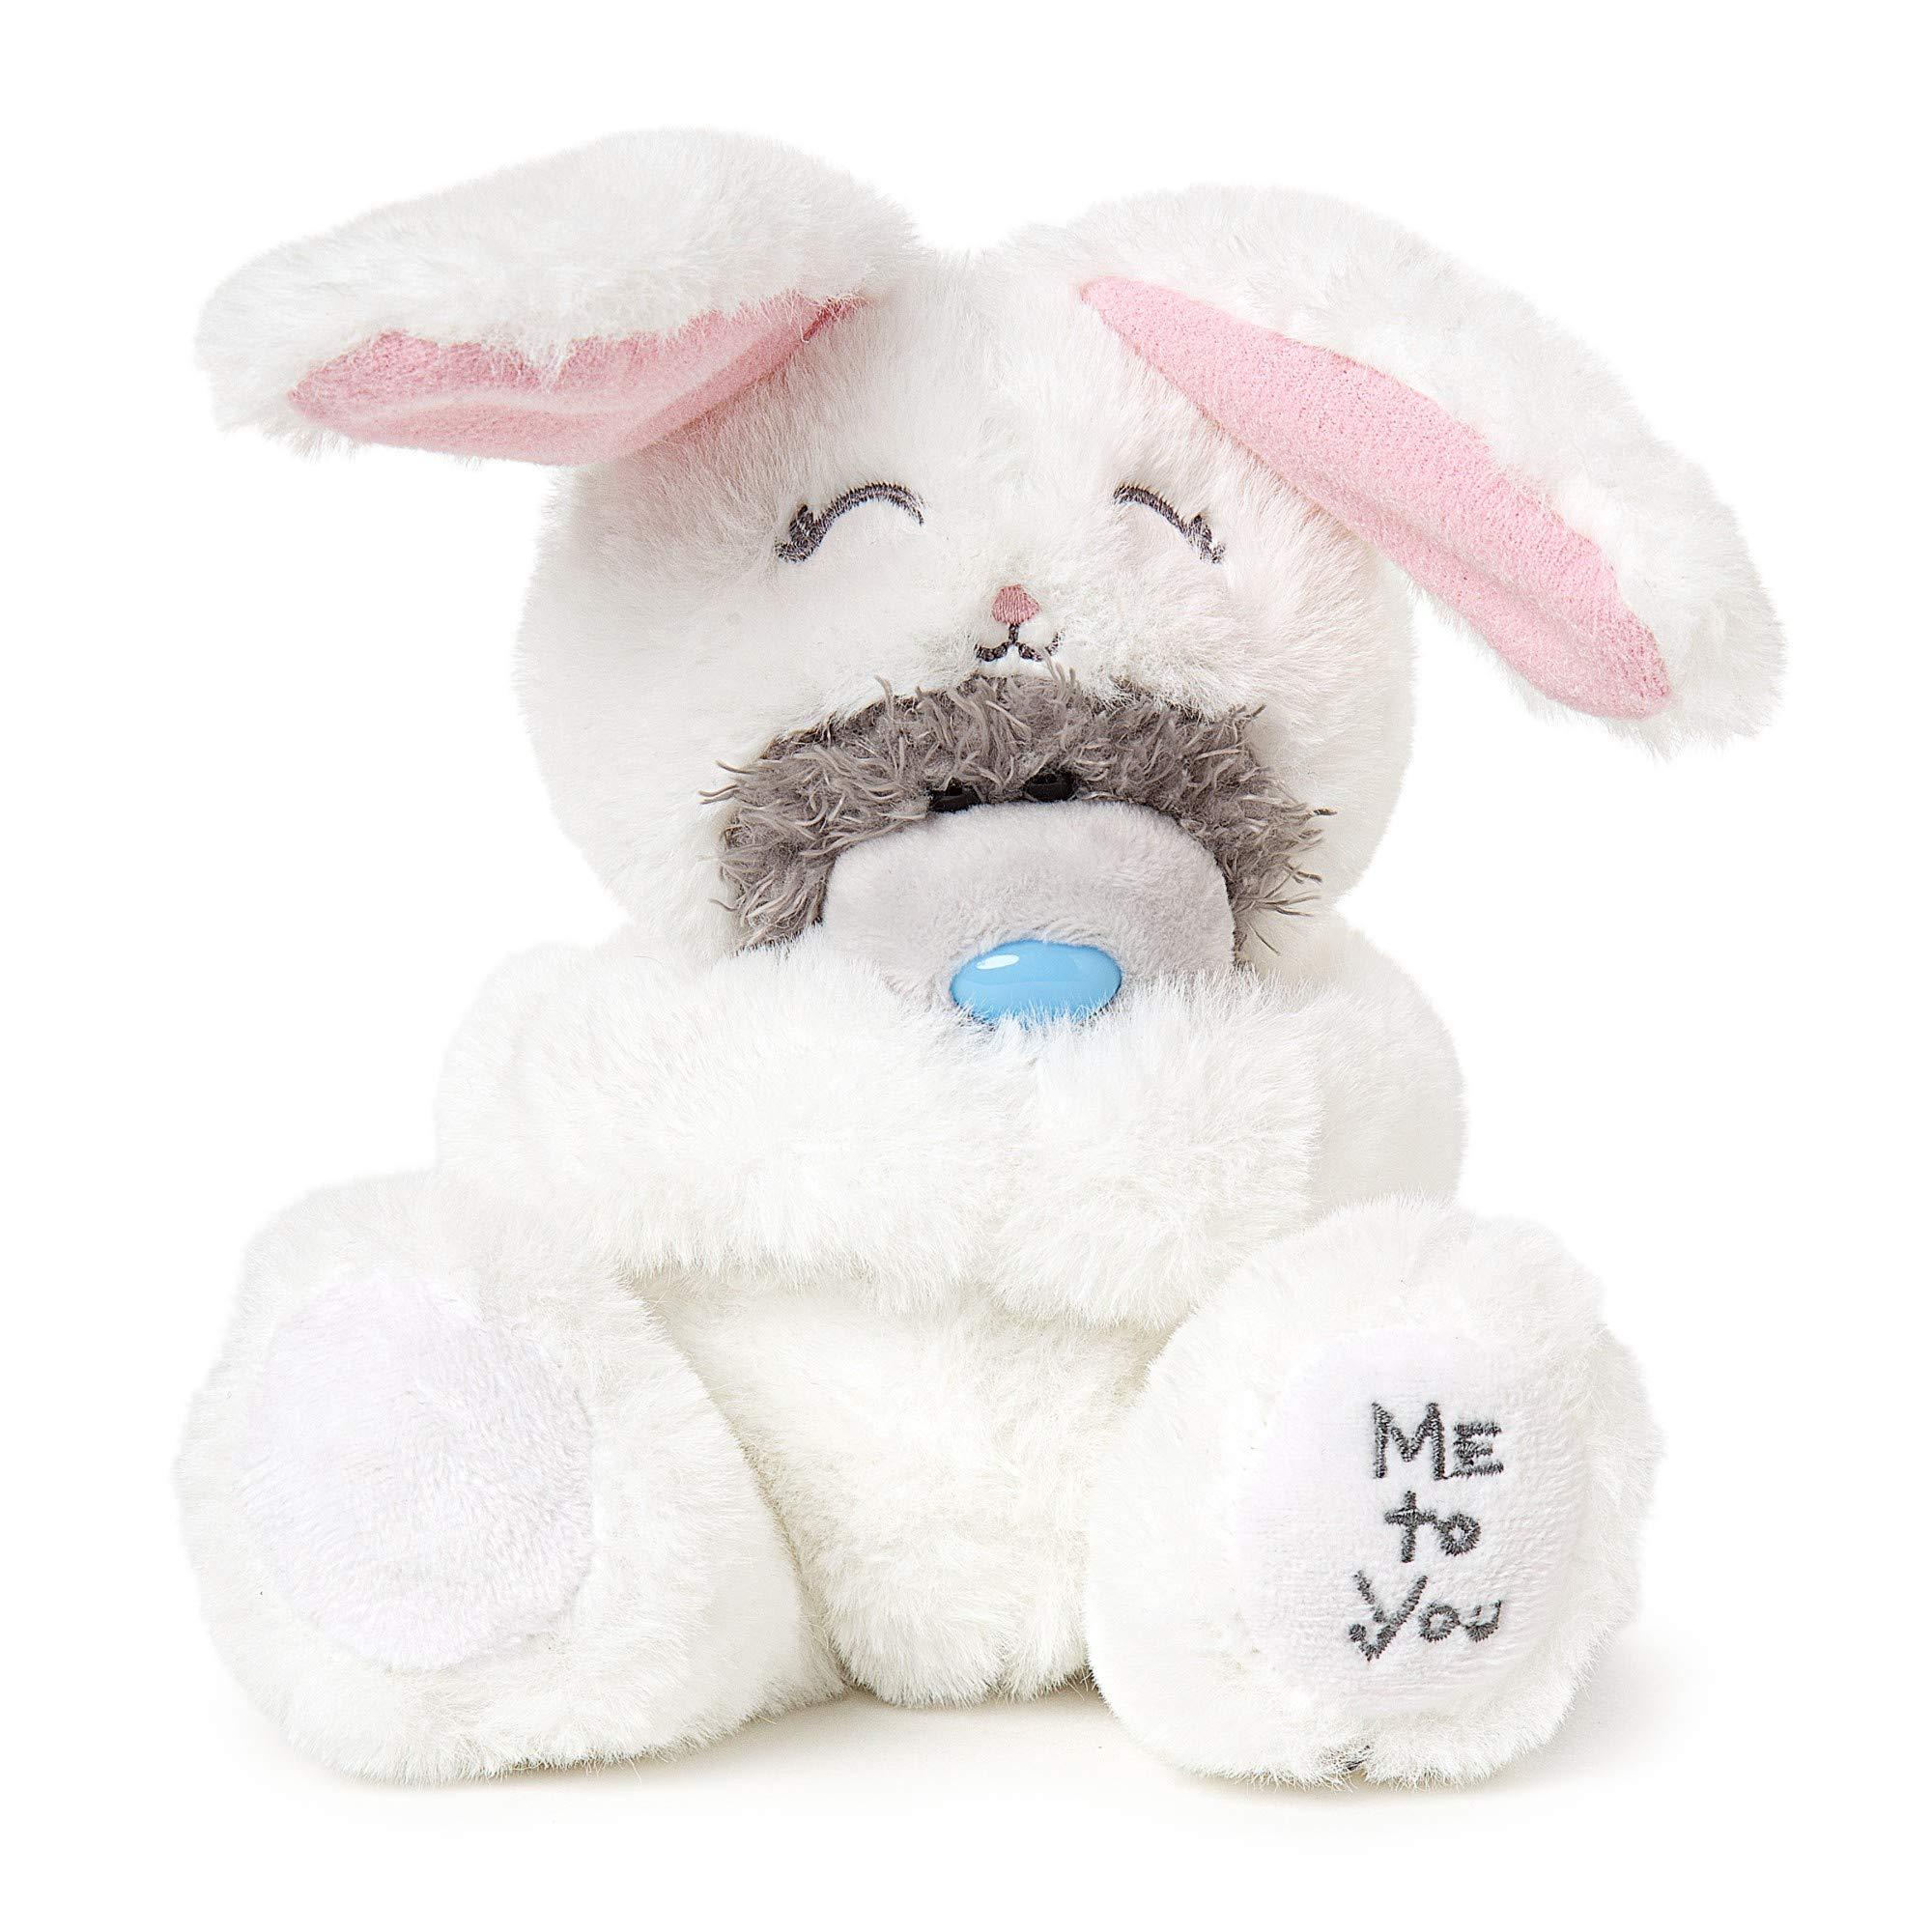 Me To You AP701048 Oso de Peluche con Conejo Blanco: Amazon.es: Juguetes y juegos